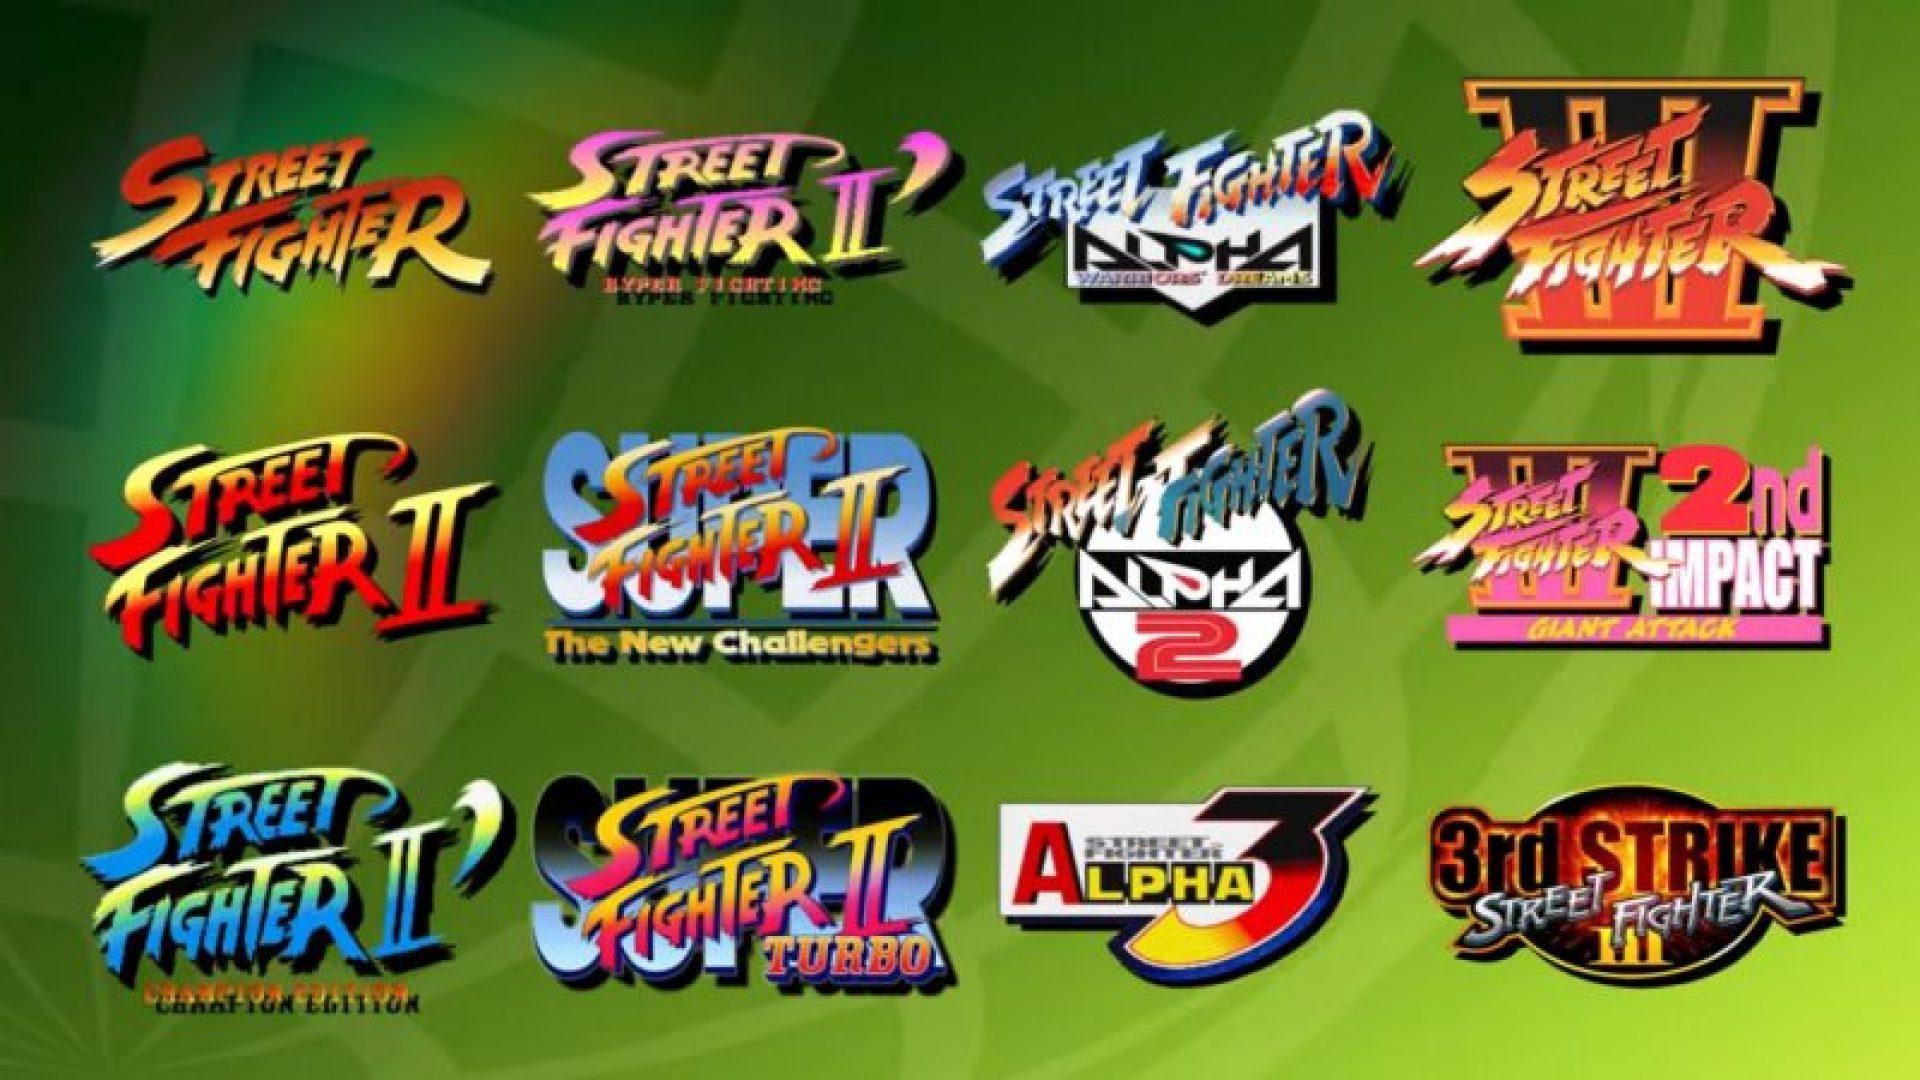 Titoli presenti in Street Fighter 30th Anniversary Edition